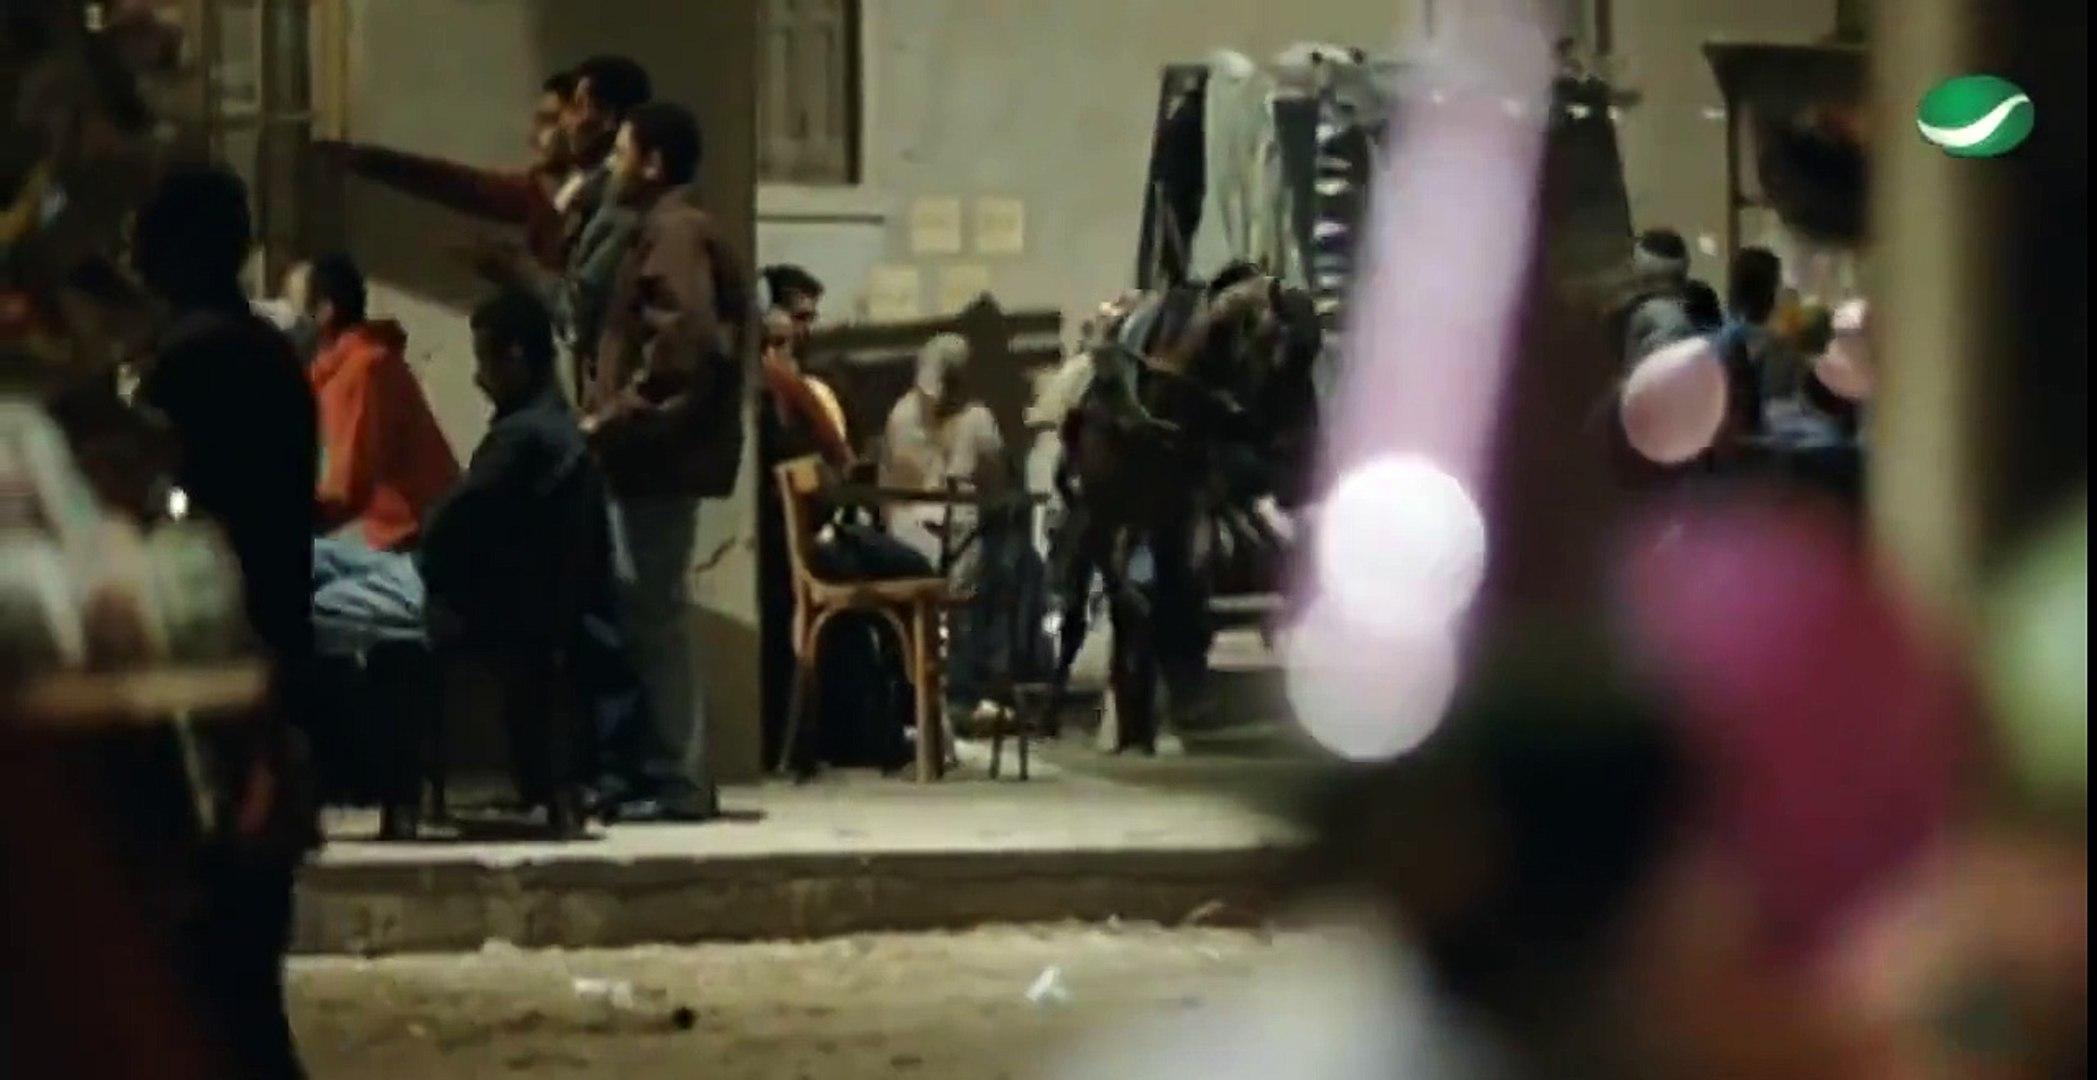 بعتني بكام يا صاحبي؟ :) شاهد فيلم ابراهيم الأبيض كاملا عبر روتانا..